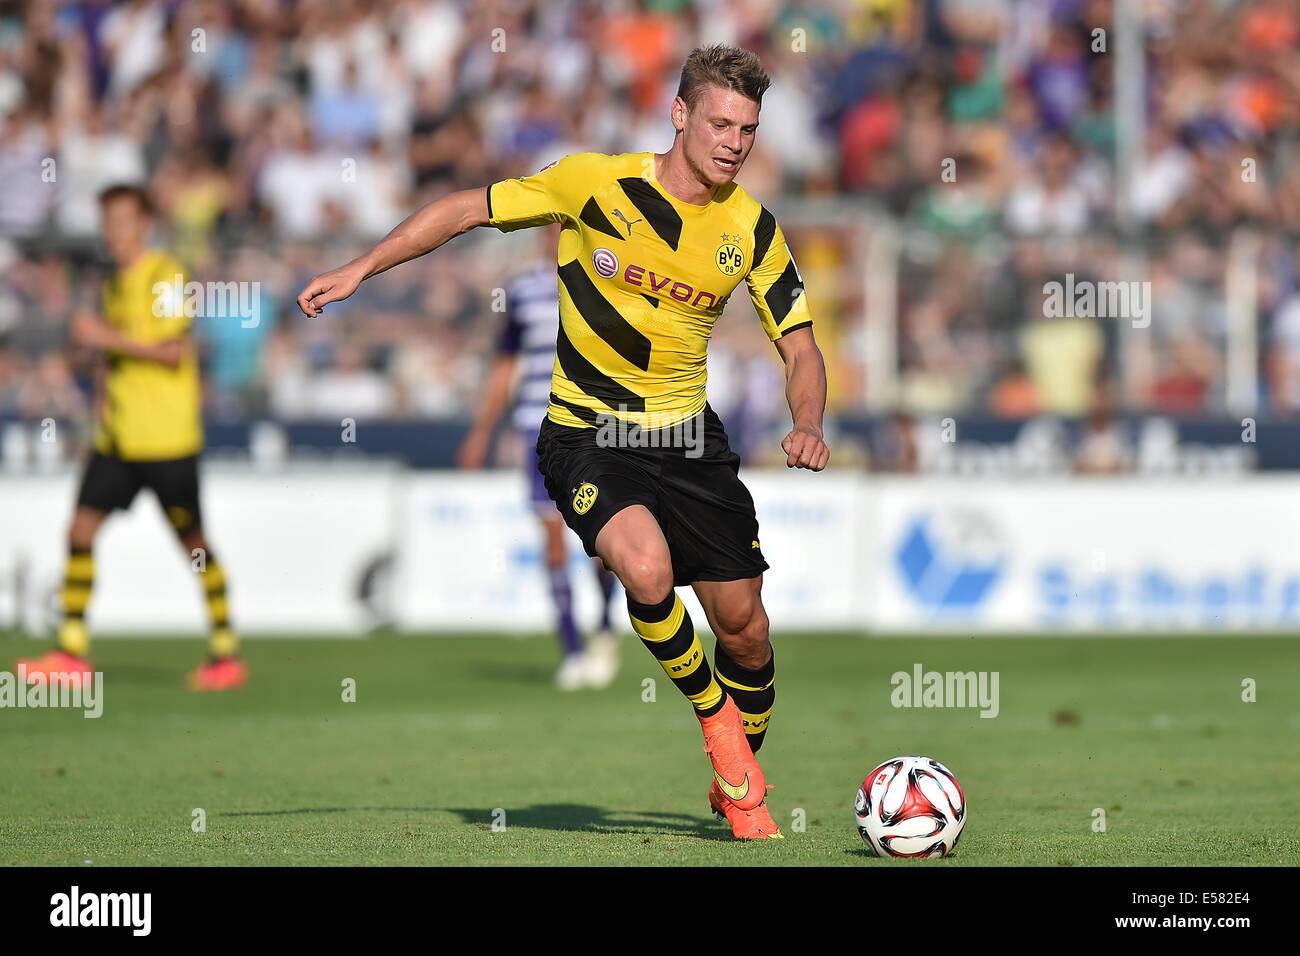 Dortmund s Lukasz Piszczek in action during the friendly match VfL